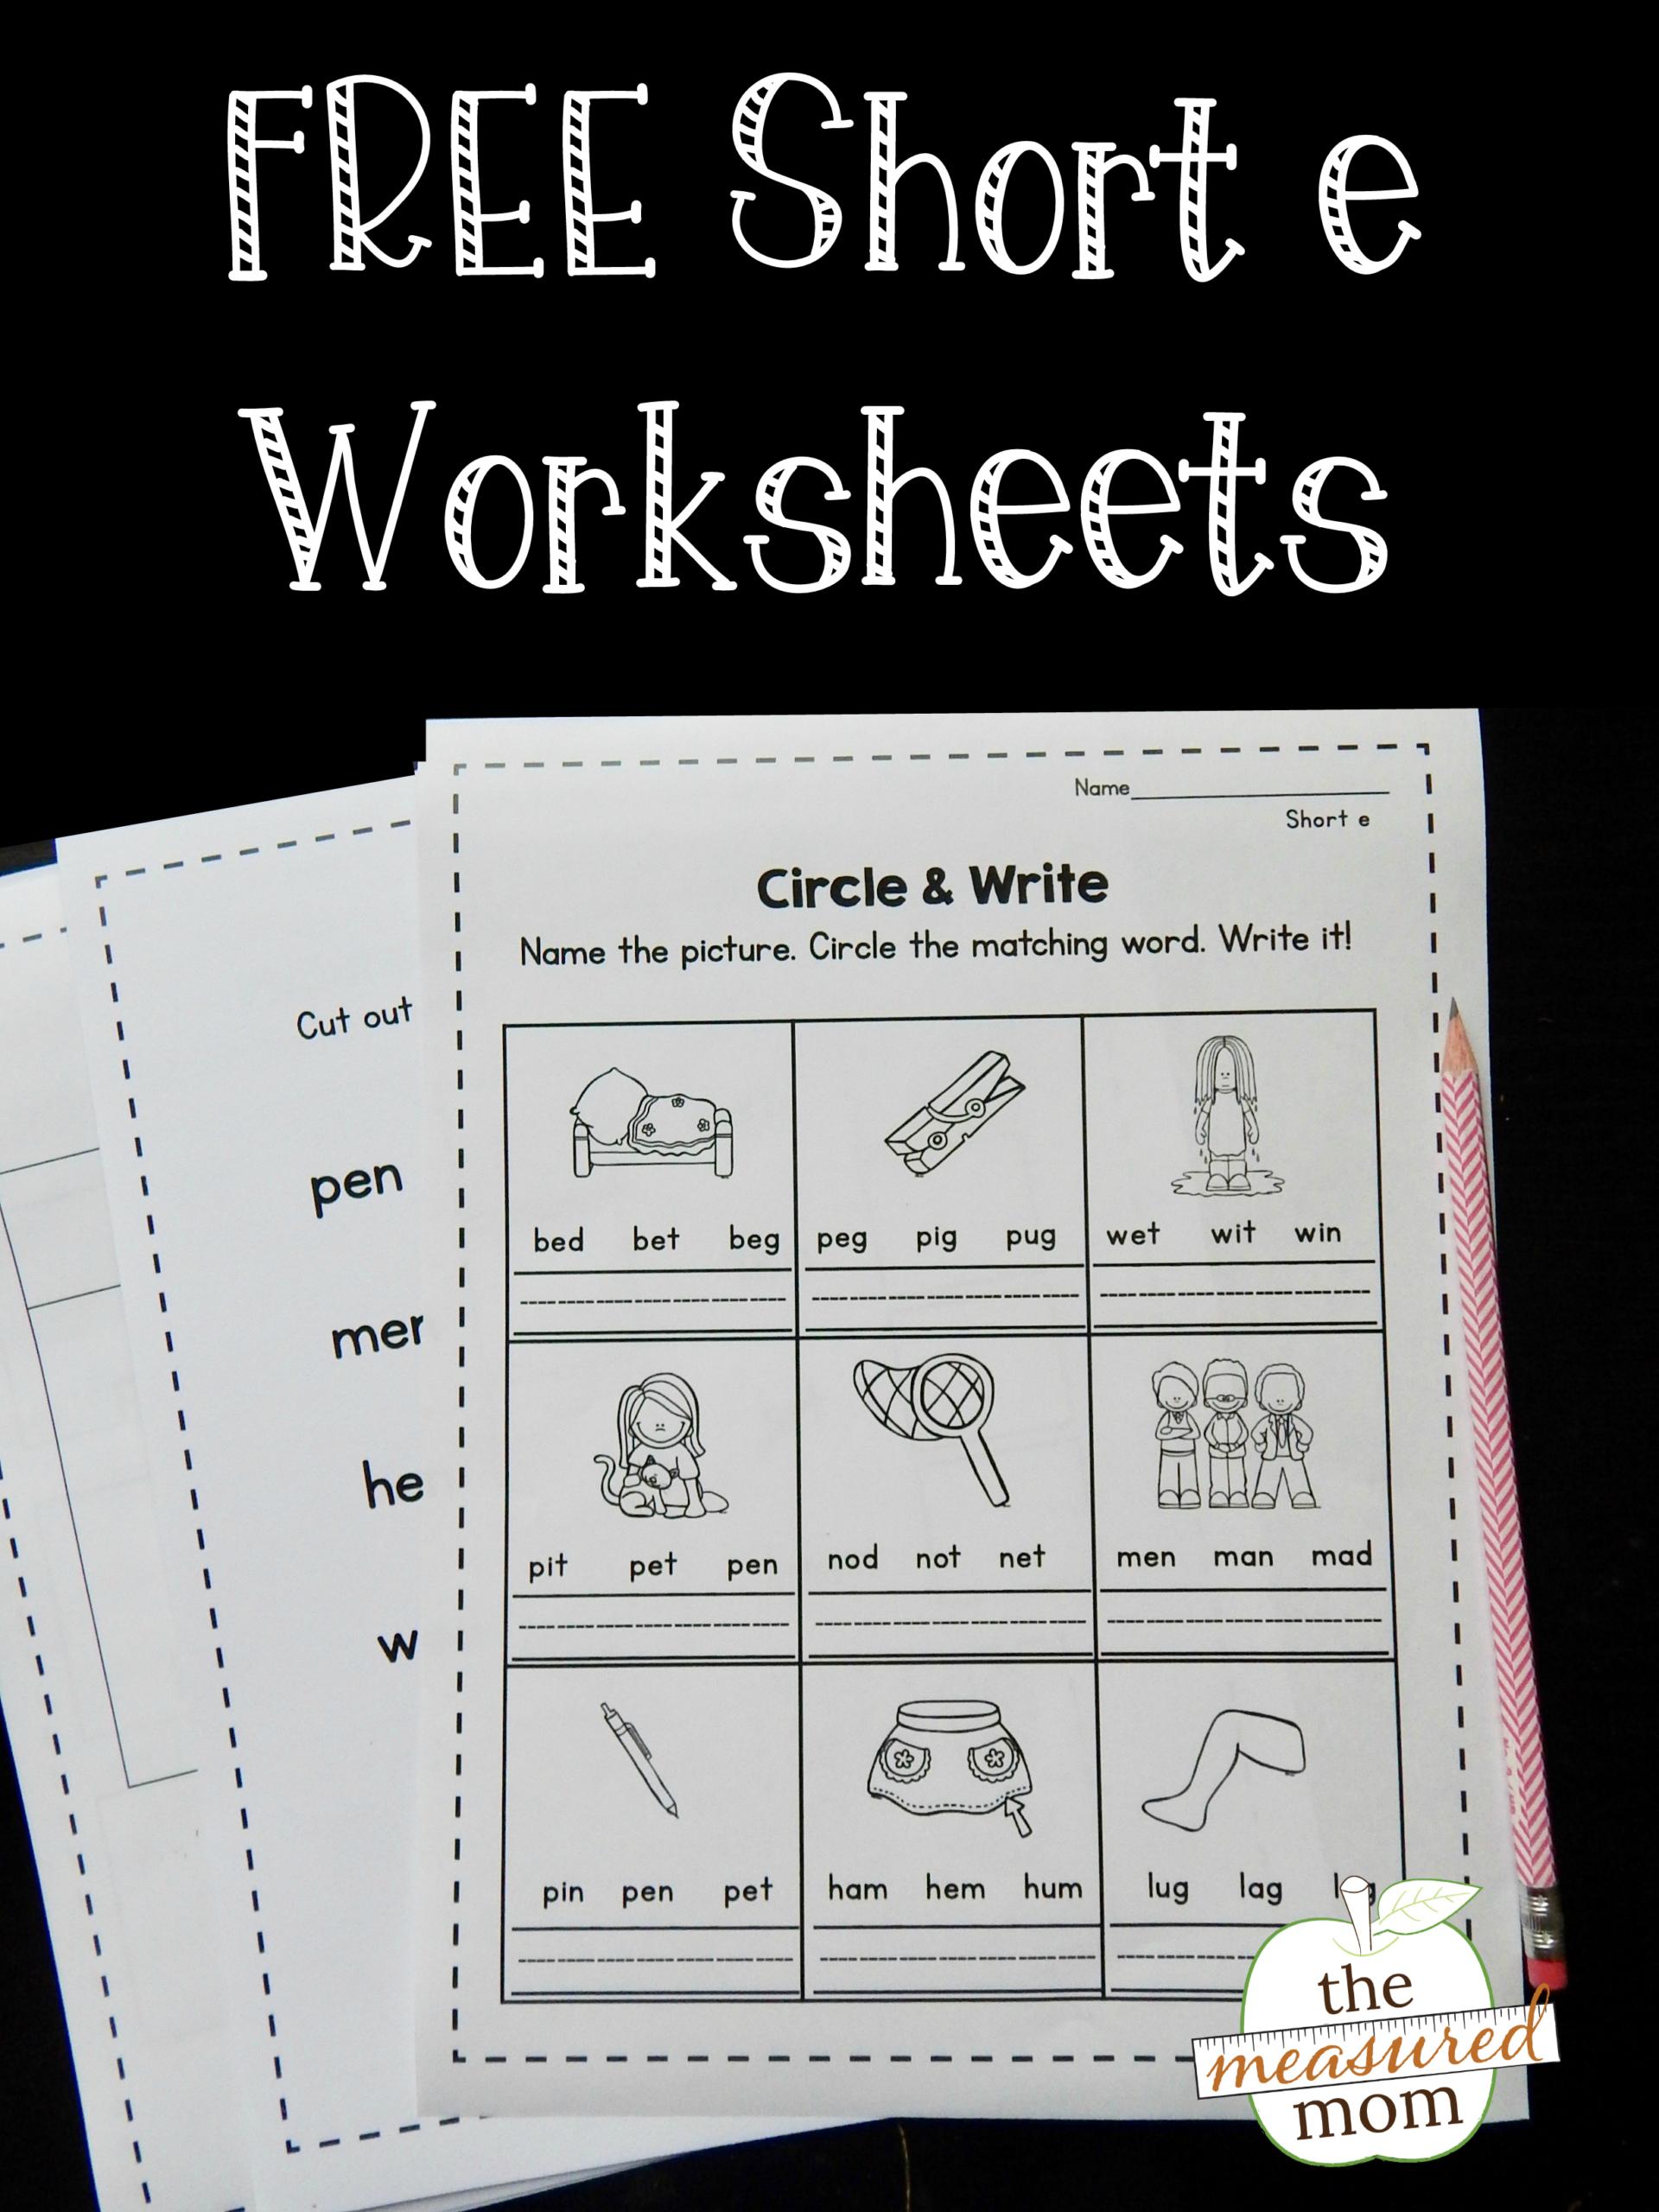 Free Short E Worksheets - The Measured Mom for Letter E Worksheets For Grade 2